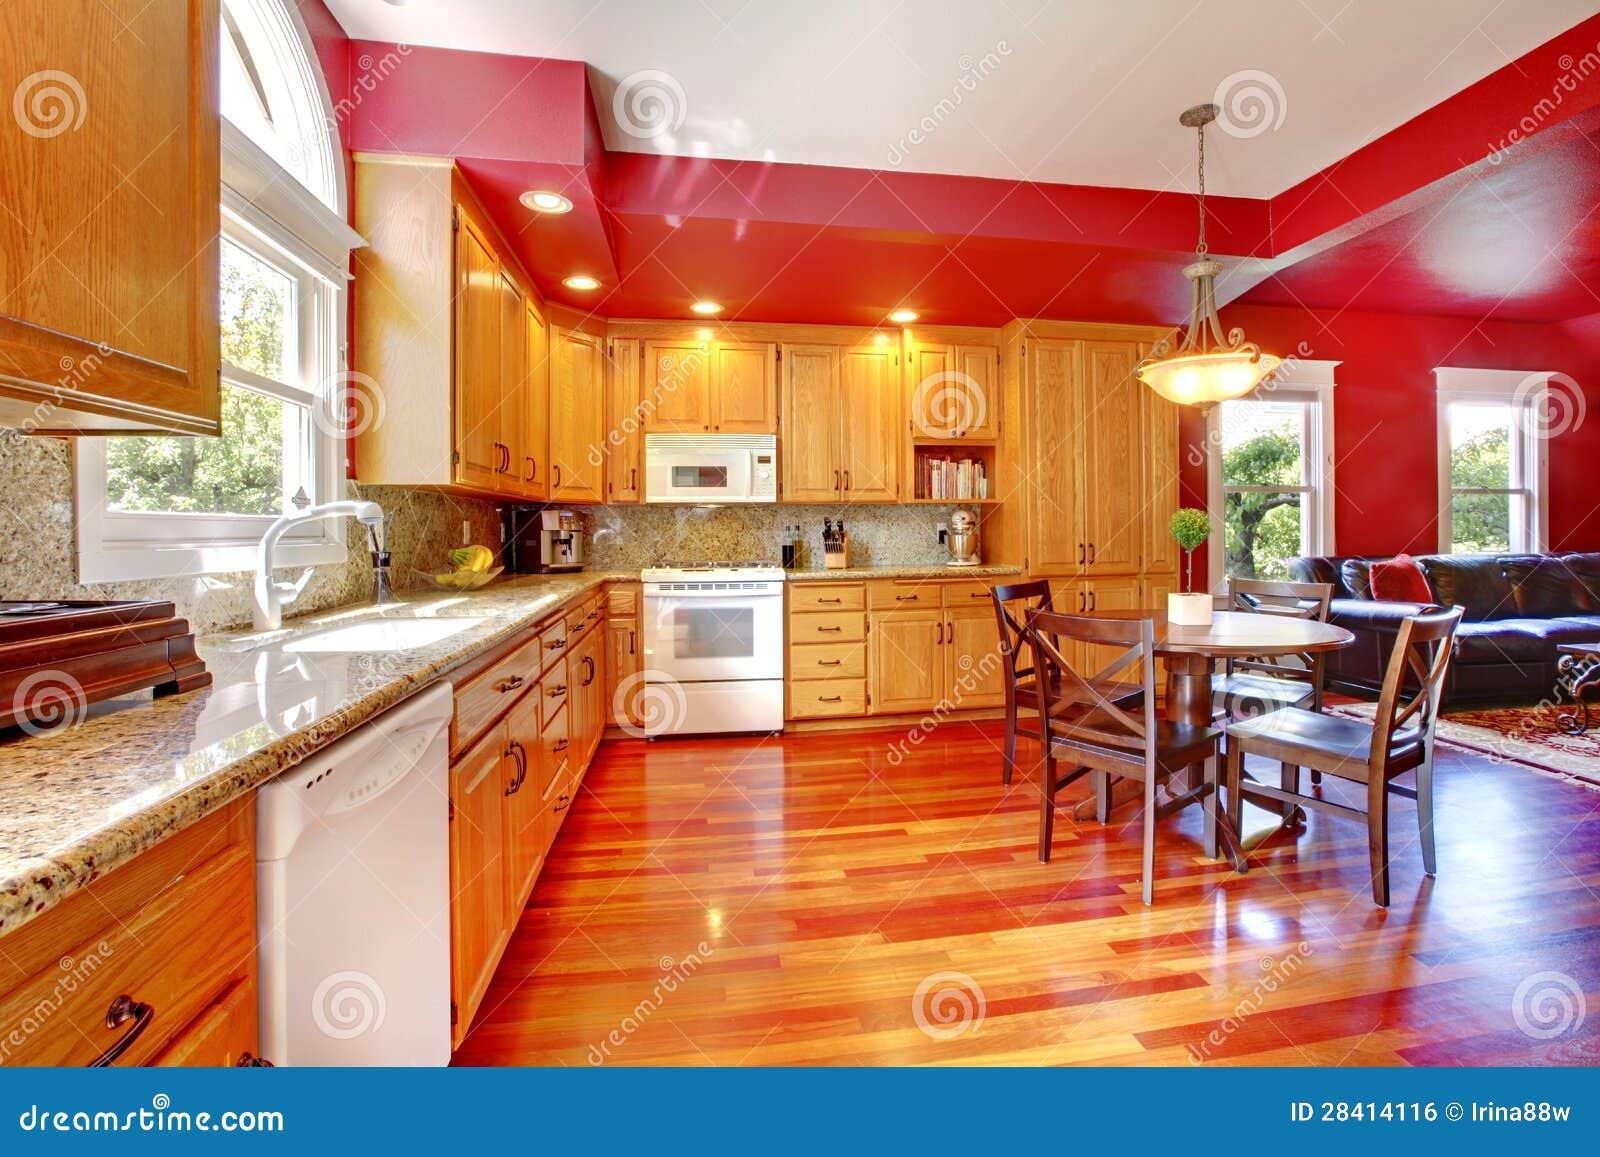 Porte De Chambre Castorama : Belle grande cuisine rouge avec le bois dur de cerise Petite table de